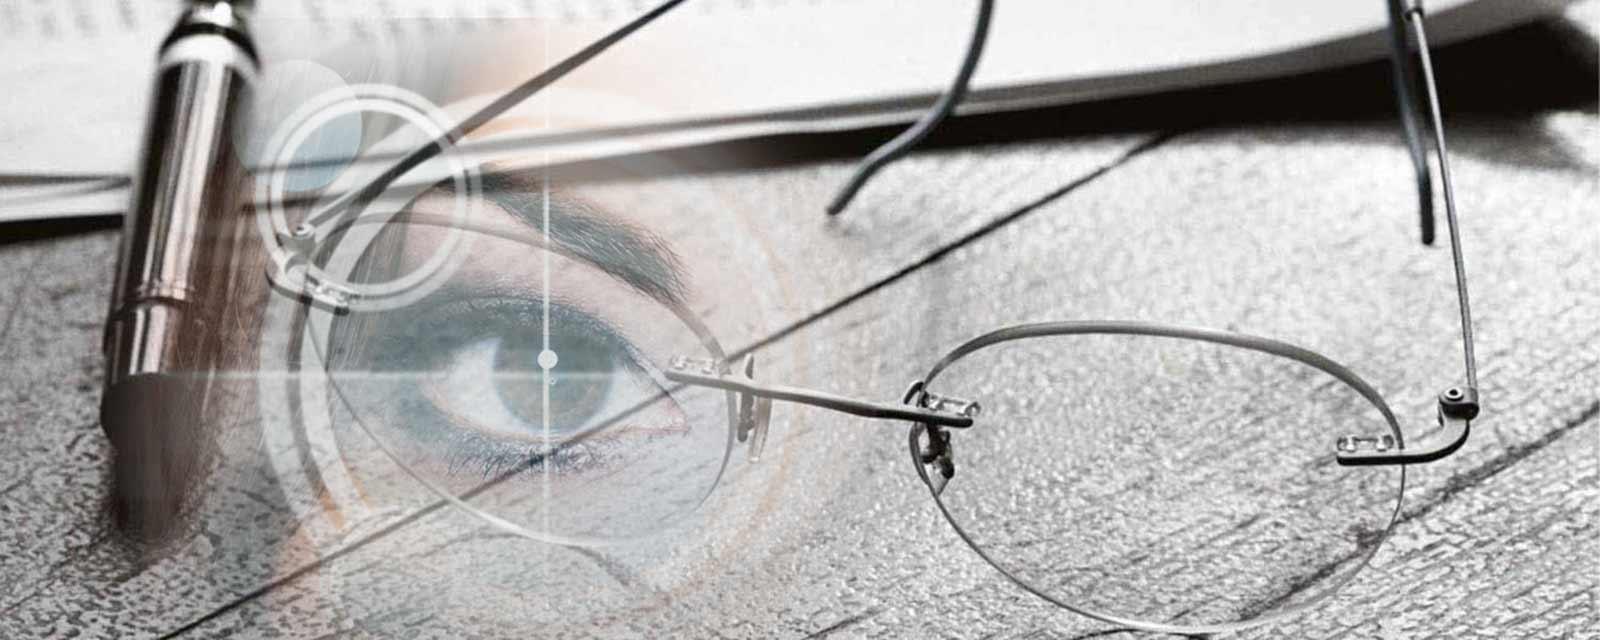 9670d6770e ΟΠΤΙΚΑ φακοί γυαλιών οράσεως ΔΩΡΕΑΝ - Eye-Shop